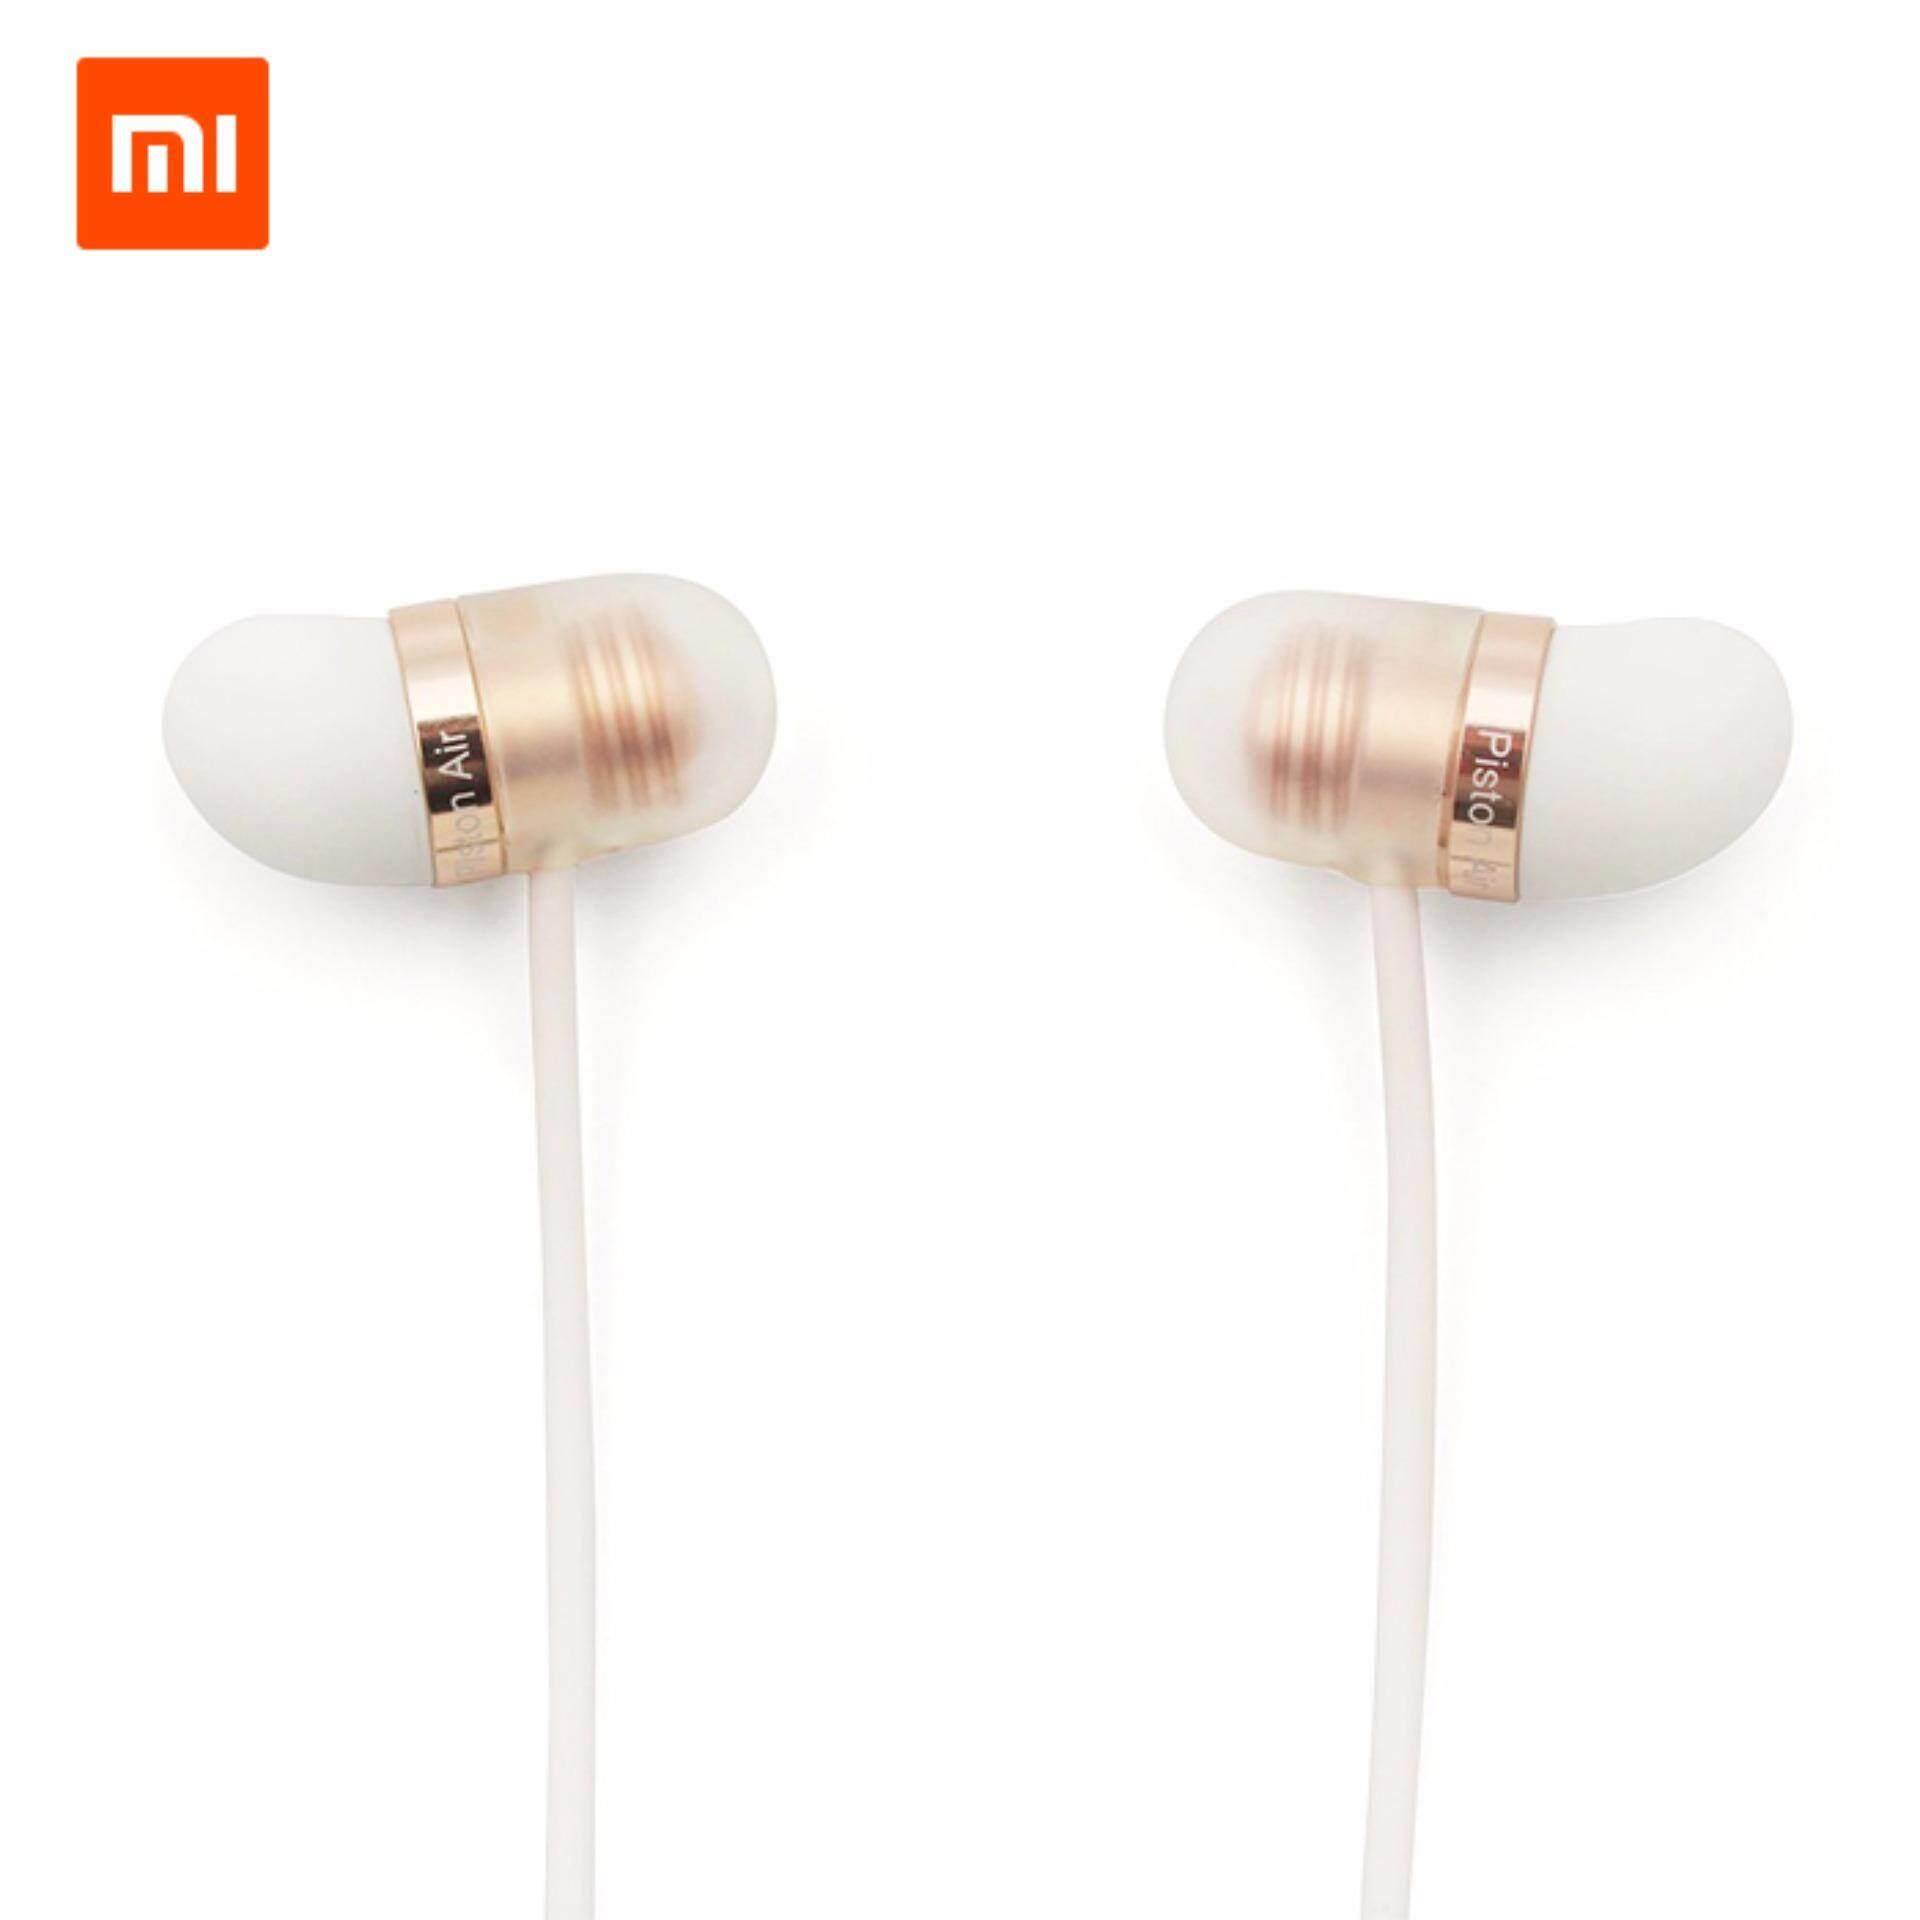 สอนใช้งาน  นครศรีธรรมราช Xiaomi หูฟัง Mi Piston Air In-Ear Headphones ( สีขาว )